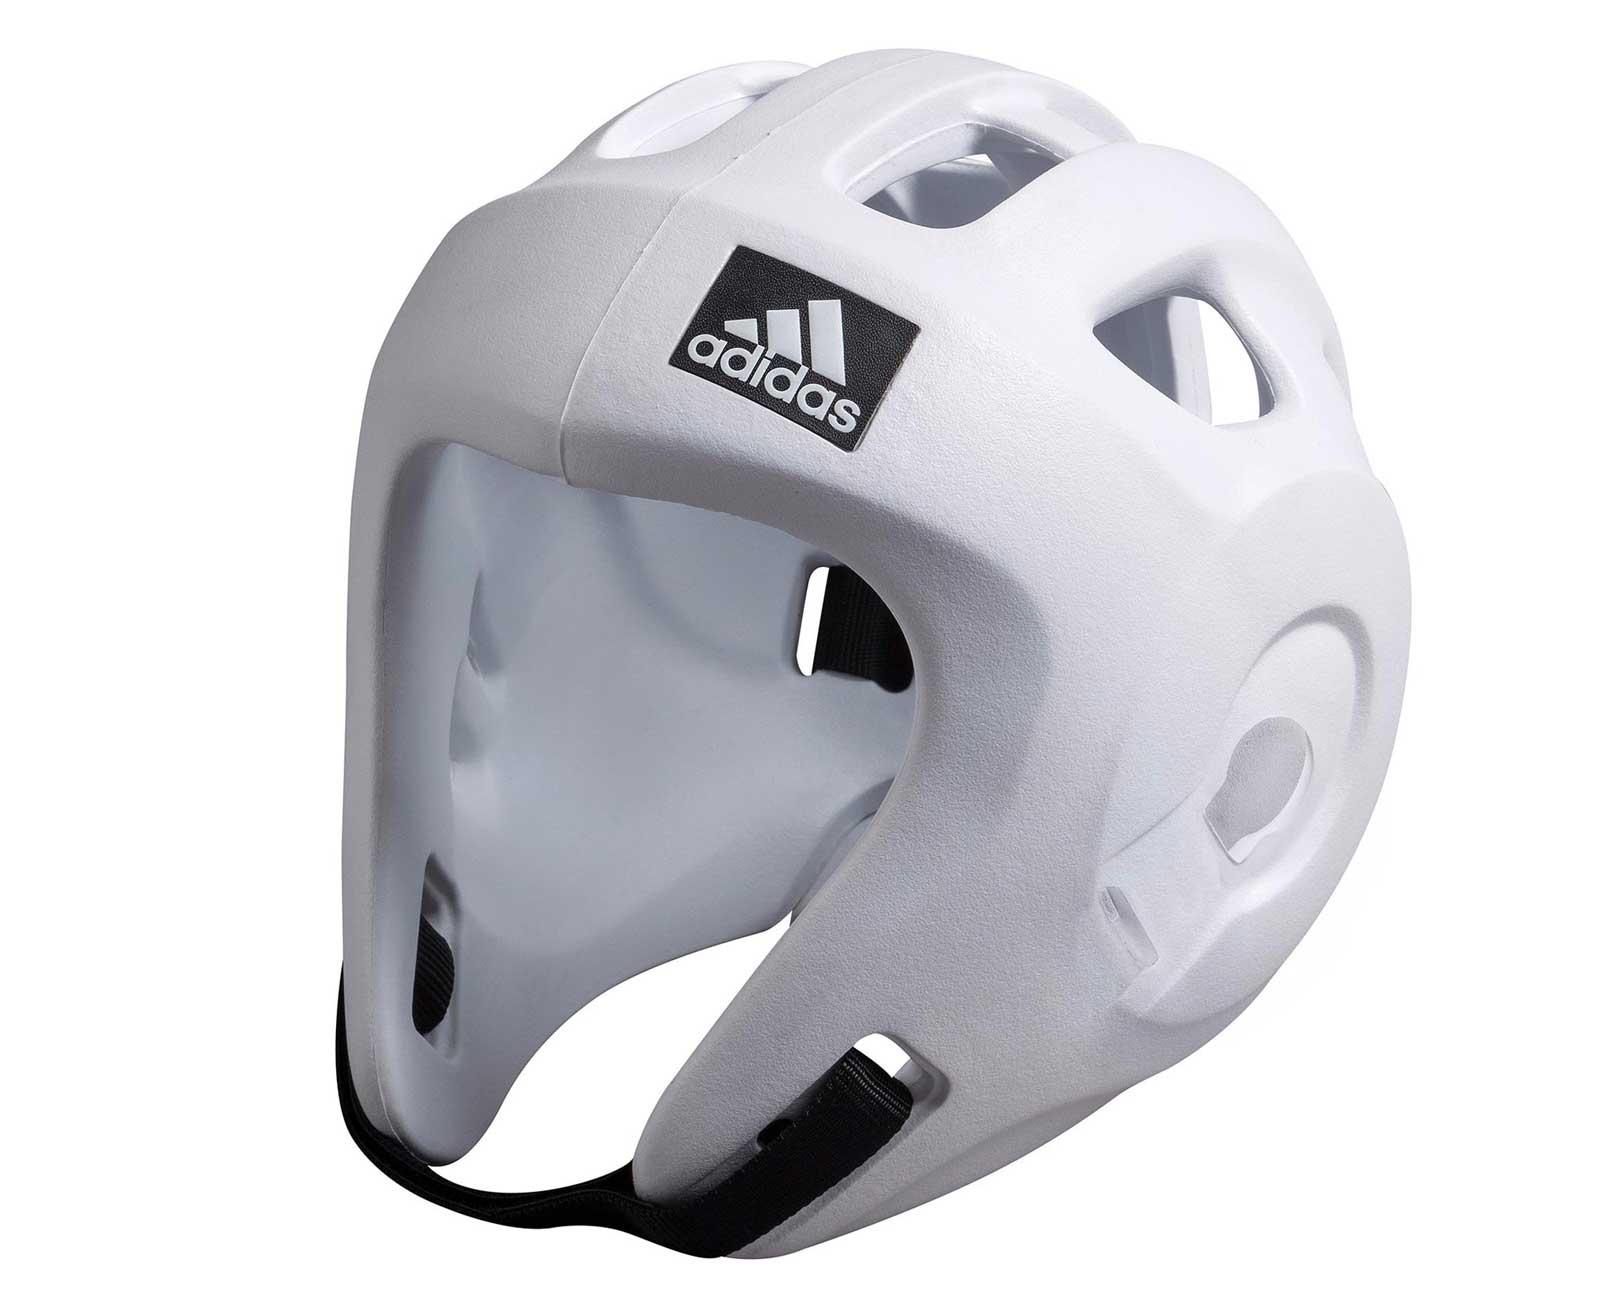 Купить Детский шлем для единоборств Adizero (одобрен WAKO и WTF) Adidas белый (арт. 10996)